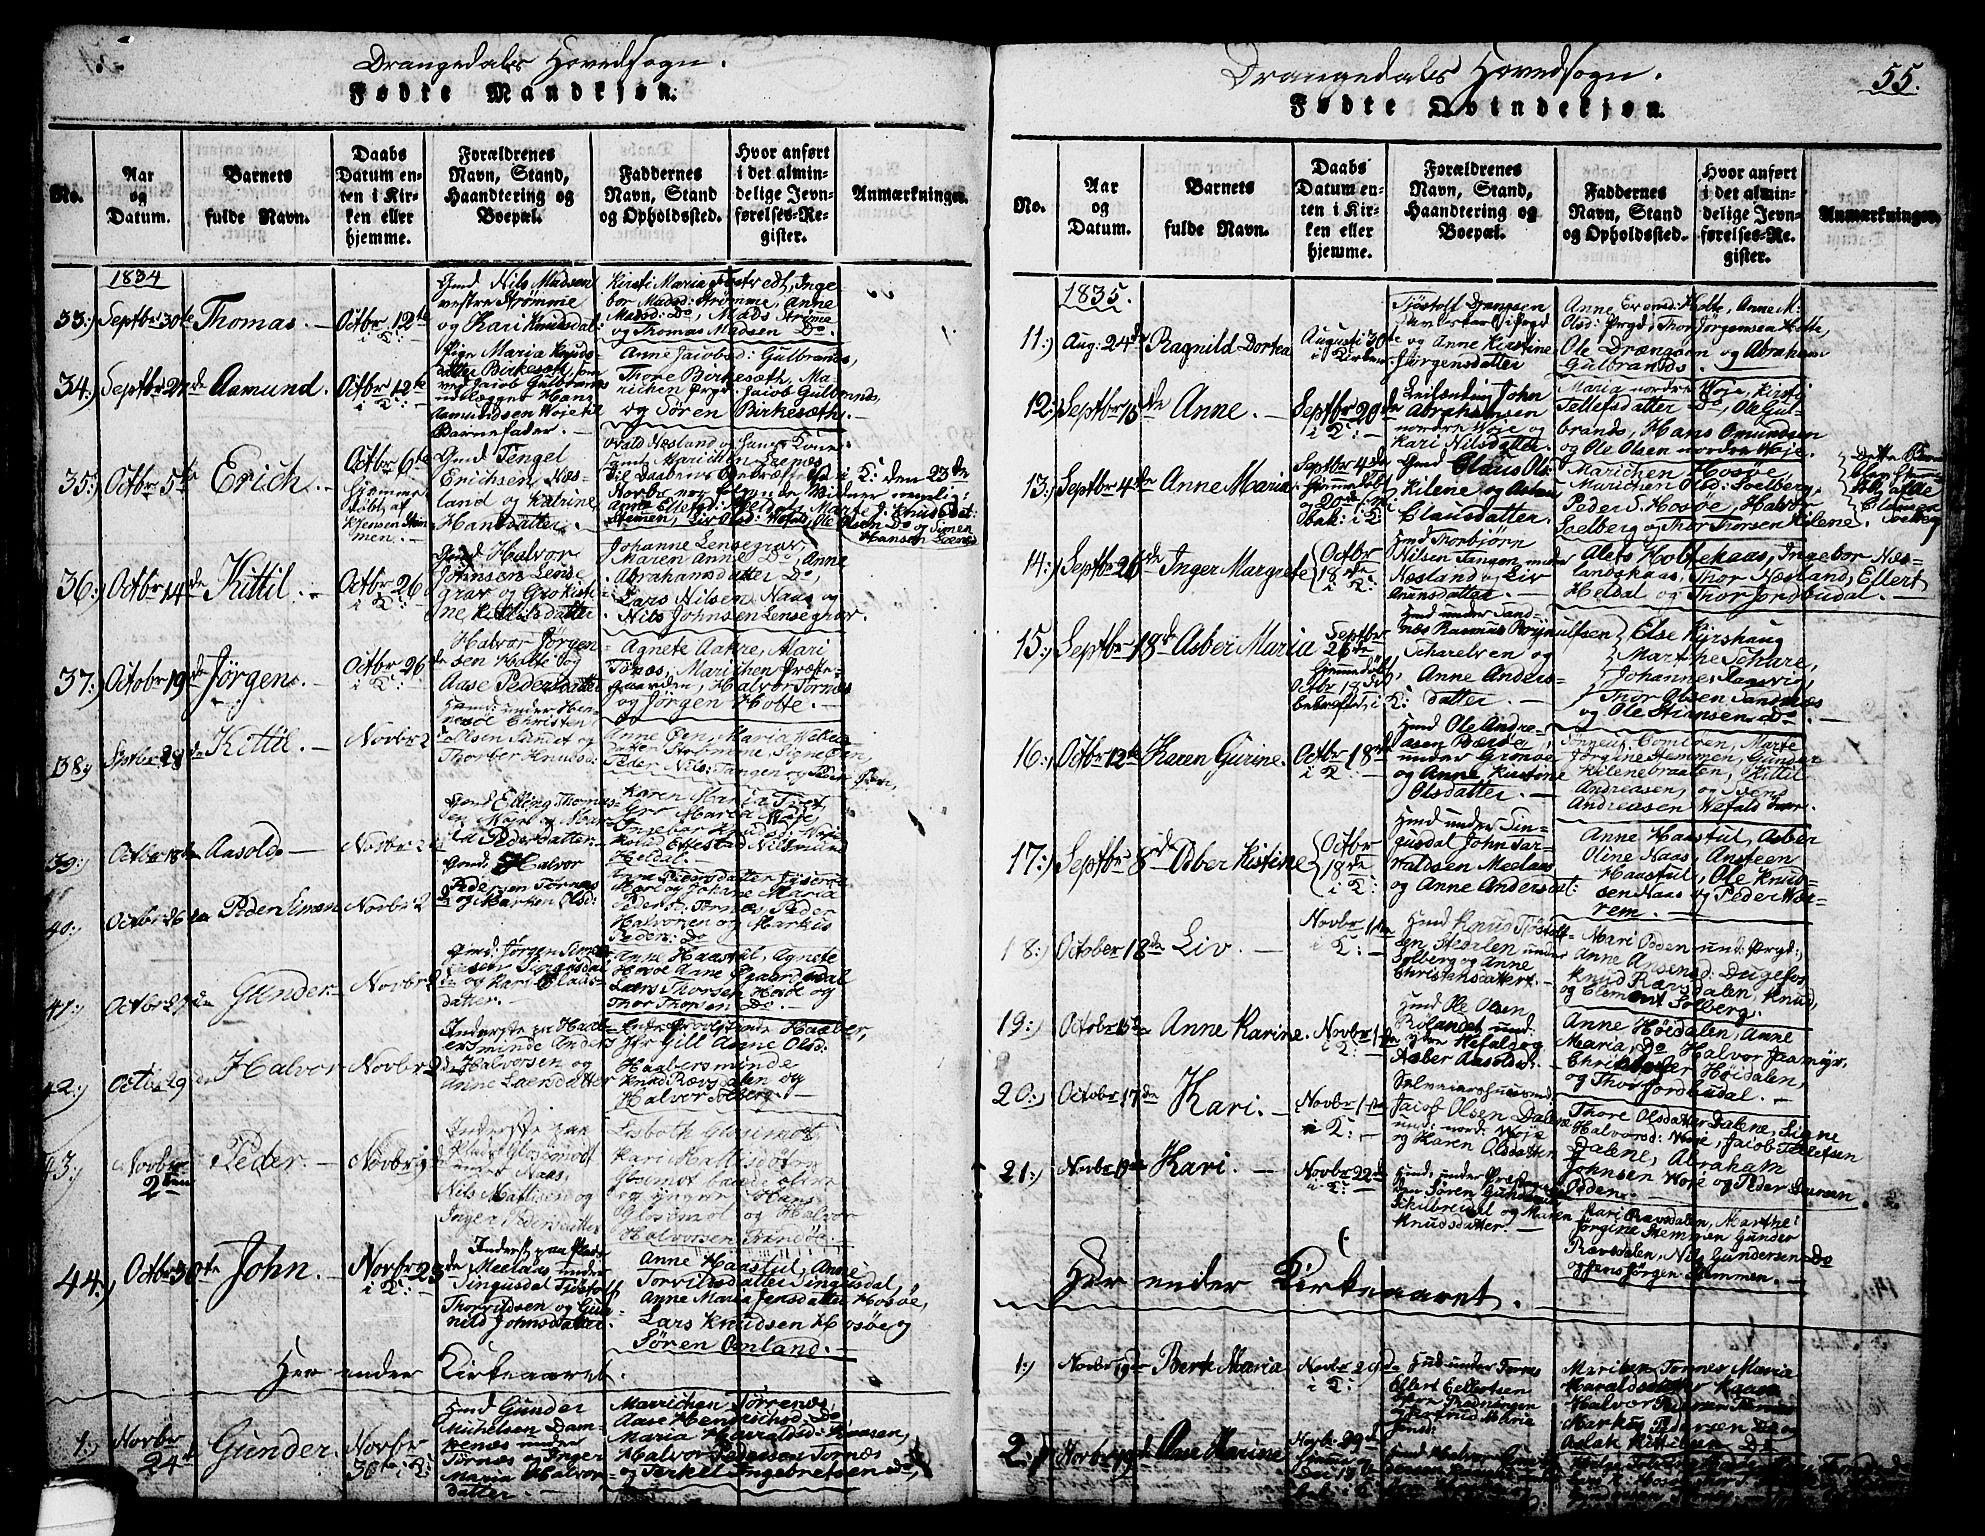 SAKO, Drangedal kirkebøker, G/Ga/L0001: Klokkerbok nr. I 1 /1, 1814-1856, s. 55